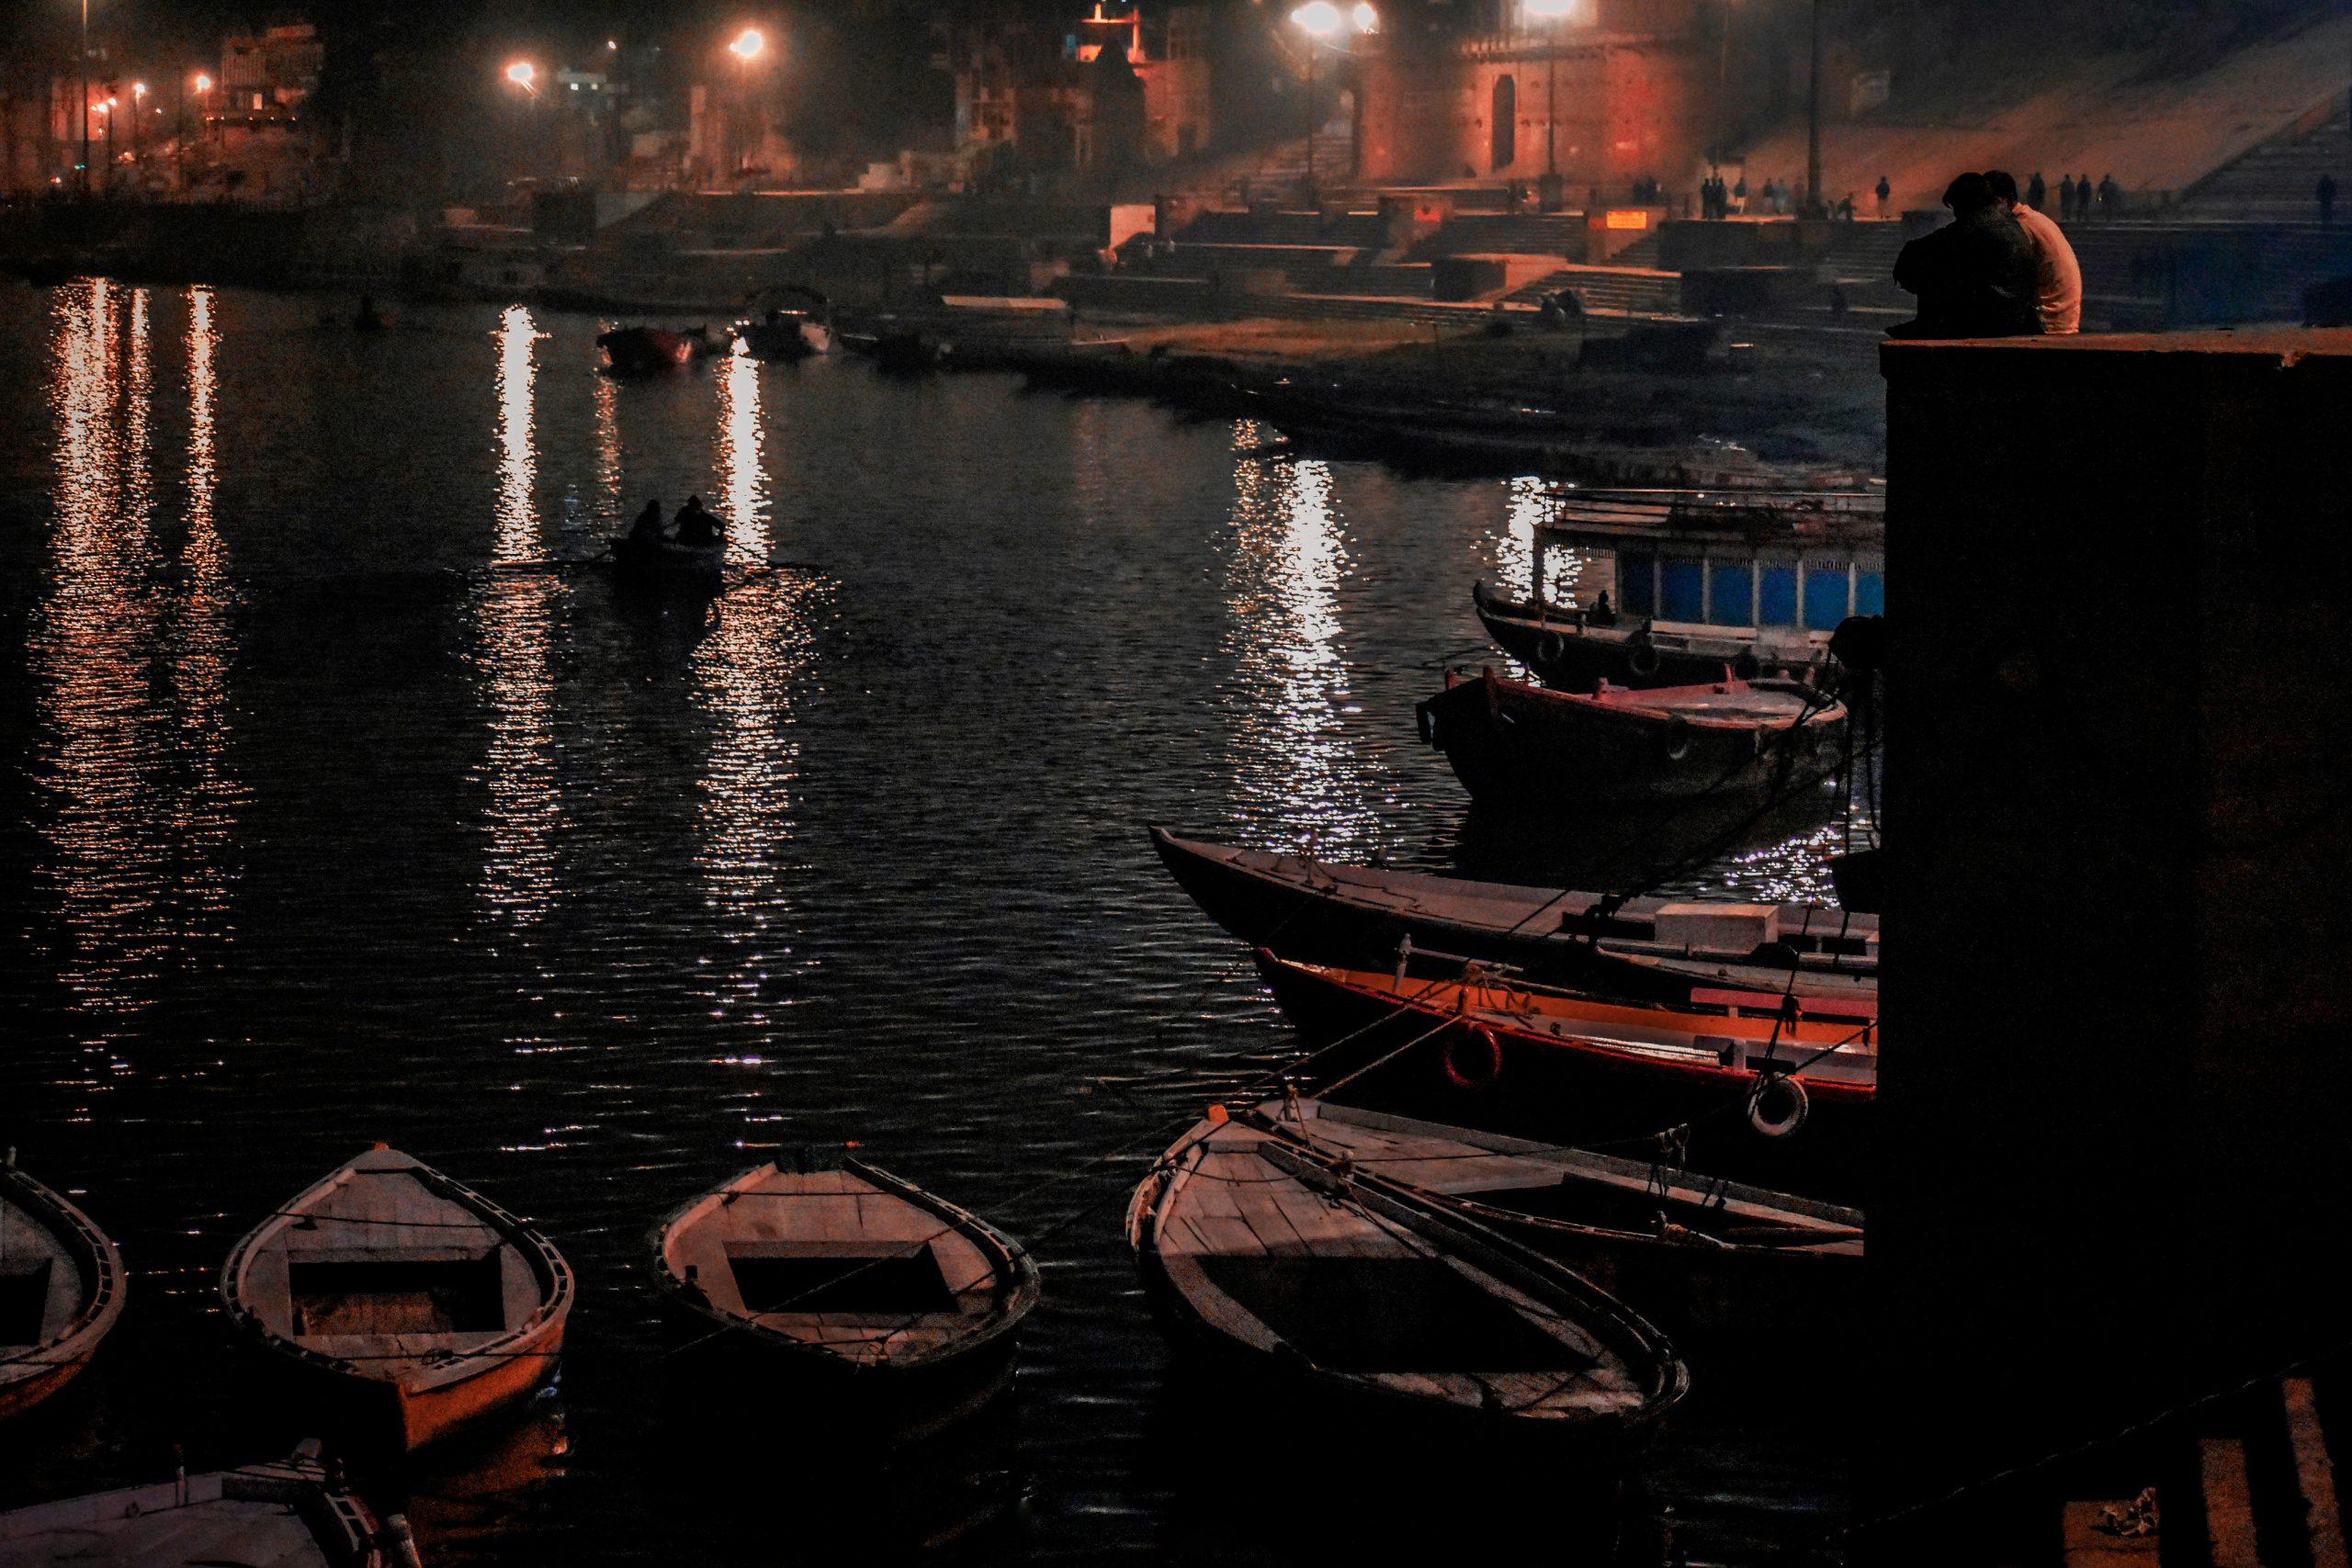 River Bank & Boat